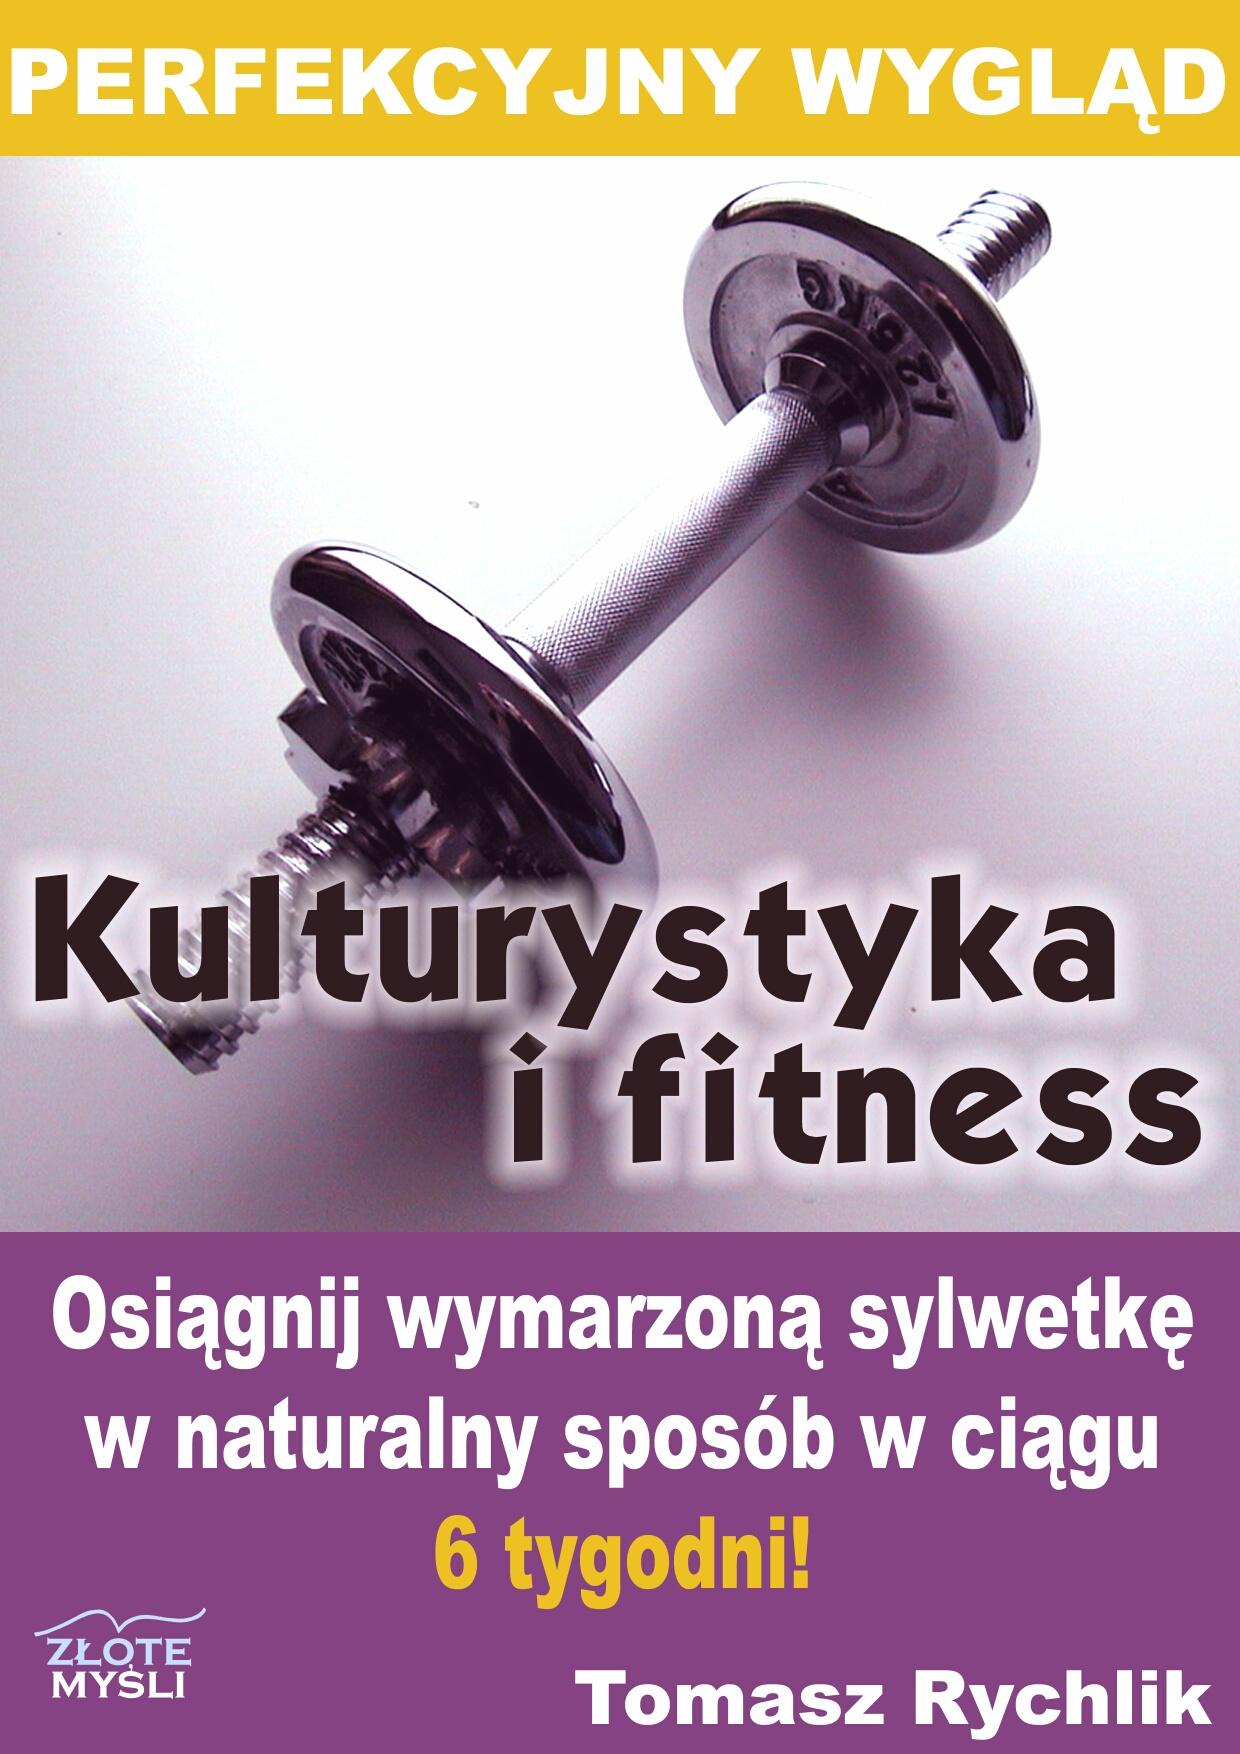 Tomasz Rychlik: Perfekcyjny wygl�d - kulturystyka i fitness - ok�adka